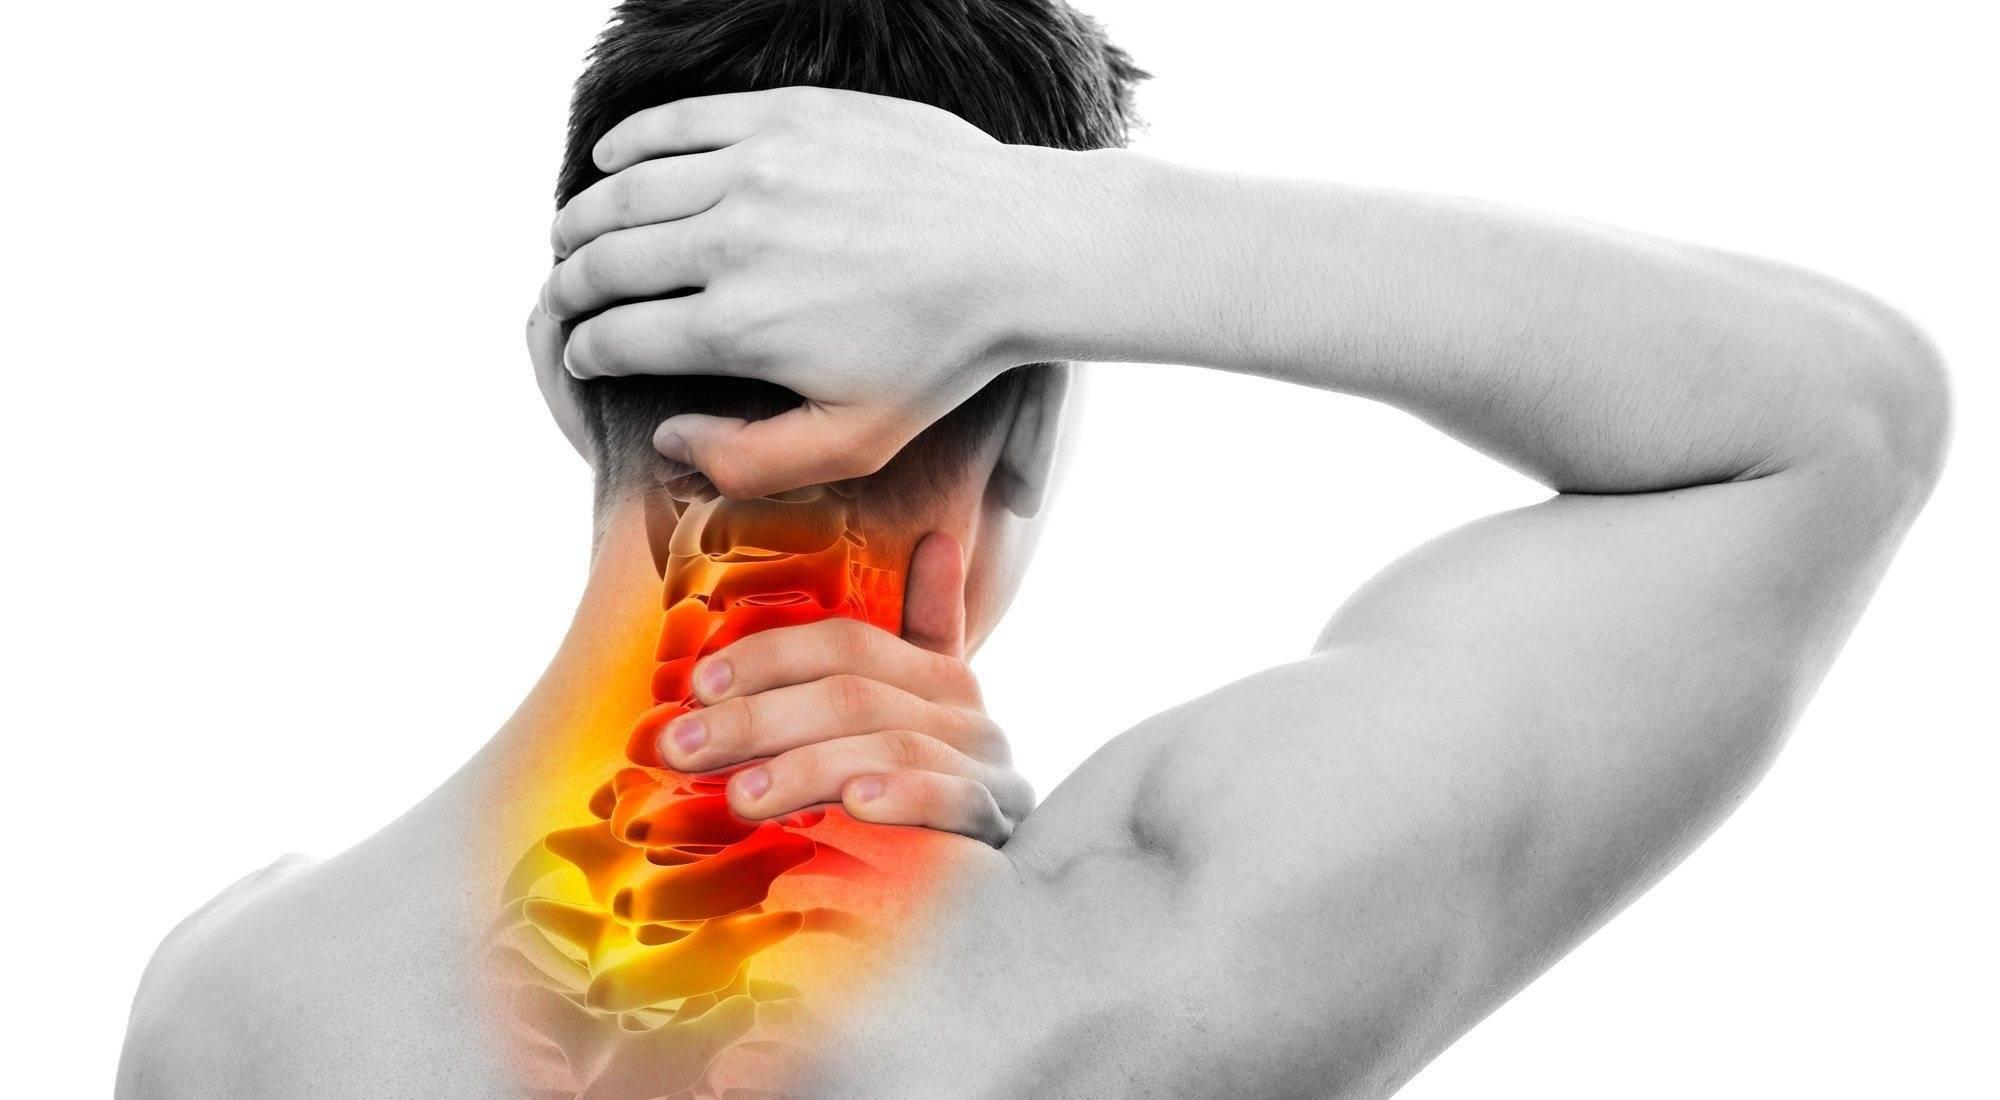 Симптомы мышечной невралгии при различной локализации. причины возникновения заболевания и лечение